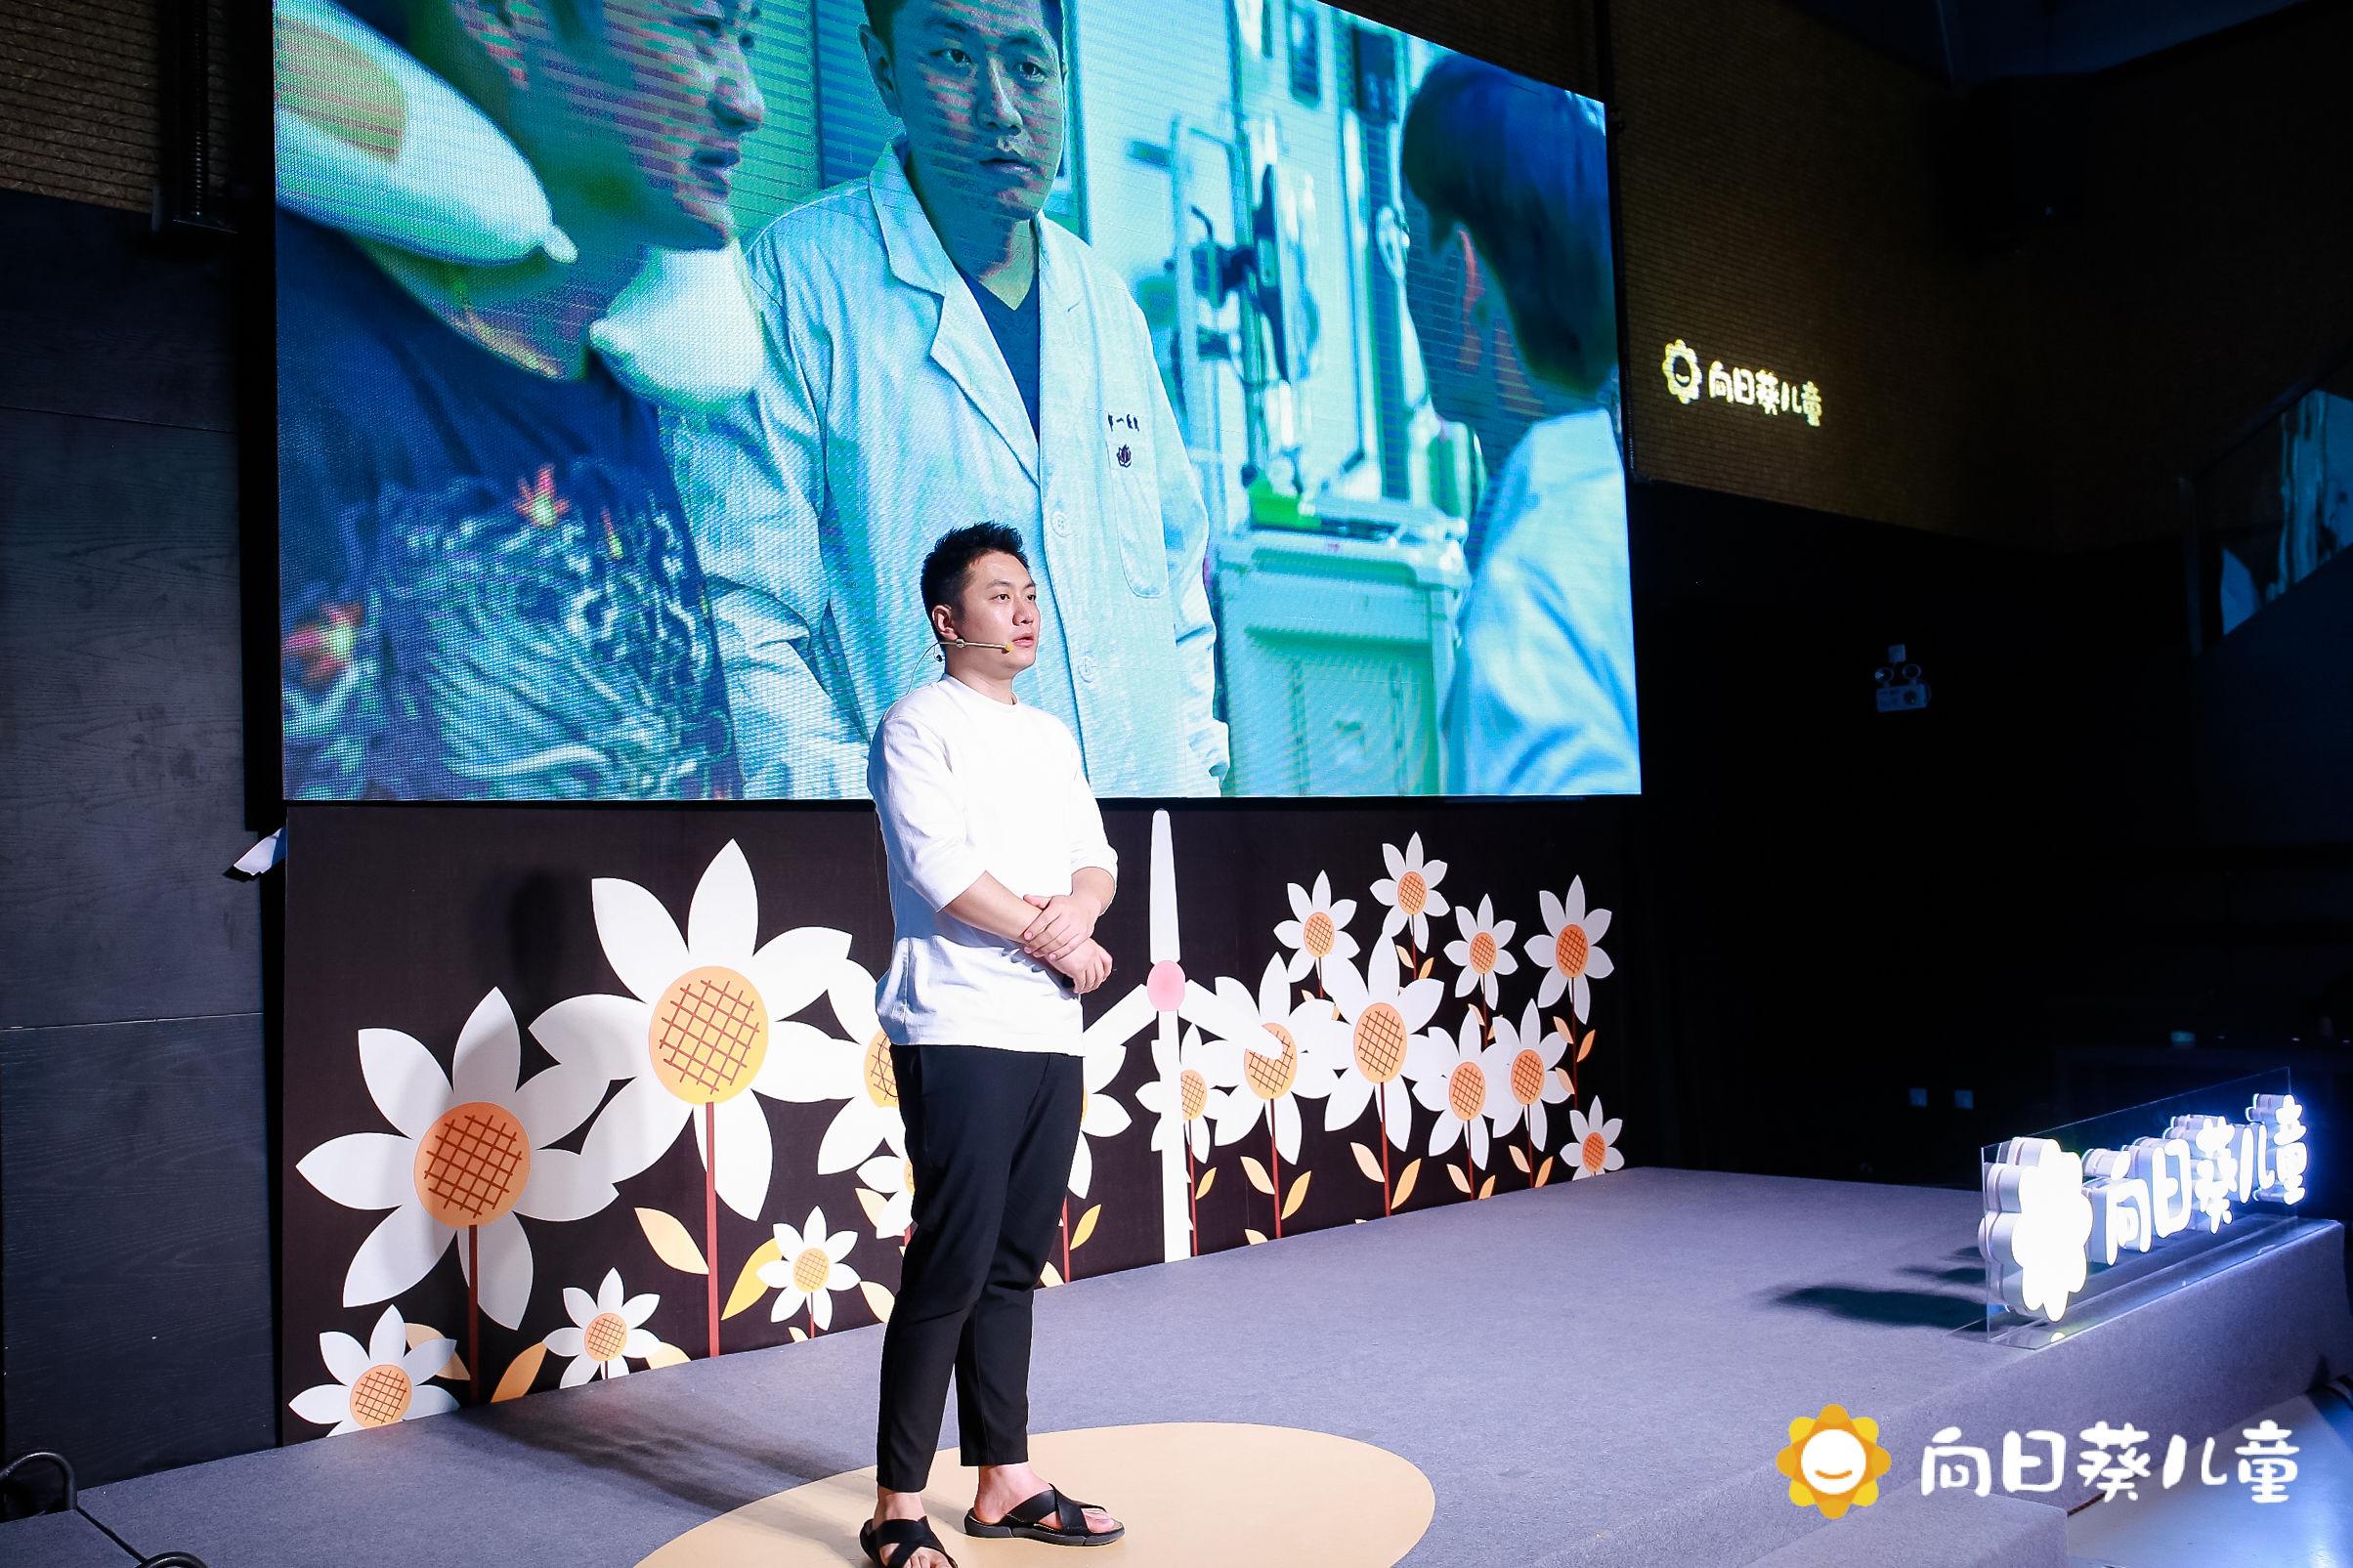 中国公益组织呼吁关注儿童肿瘤患者及家庭